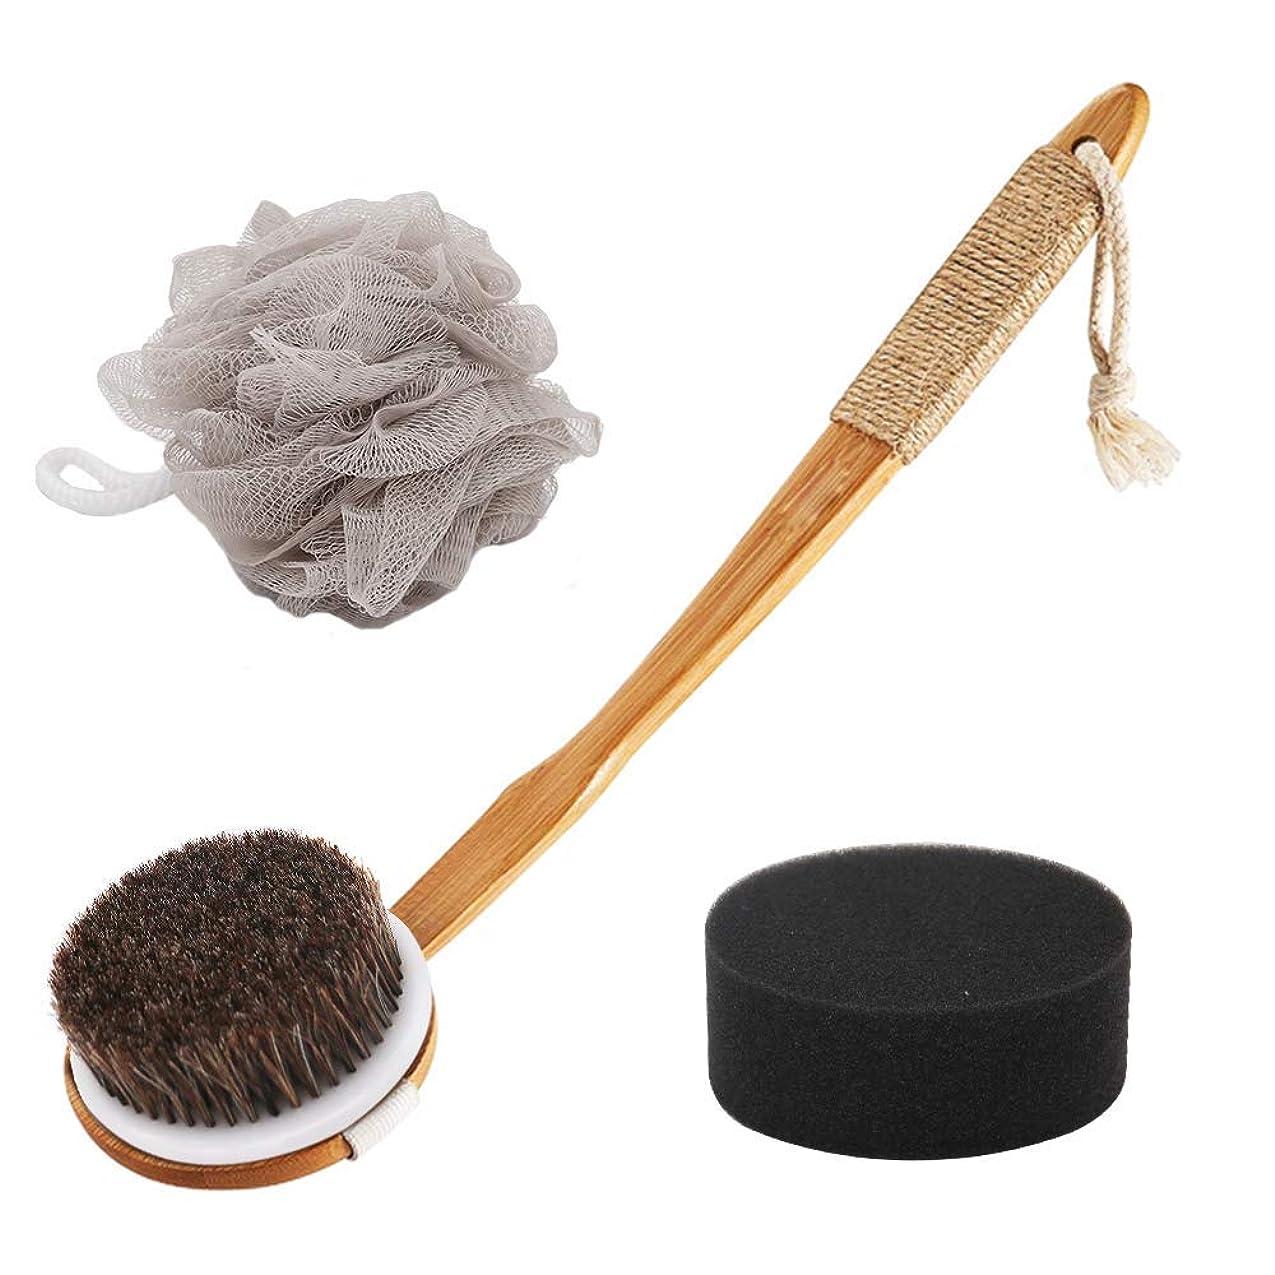 ボディブラシ 体洗いブラシ角質除去 お風呂用 バスグッズ やわらか毛 あかすり ボディウォッシュボール